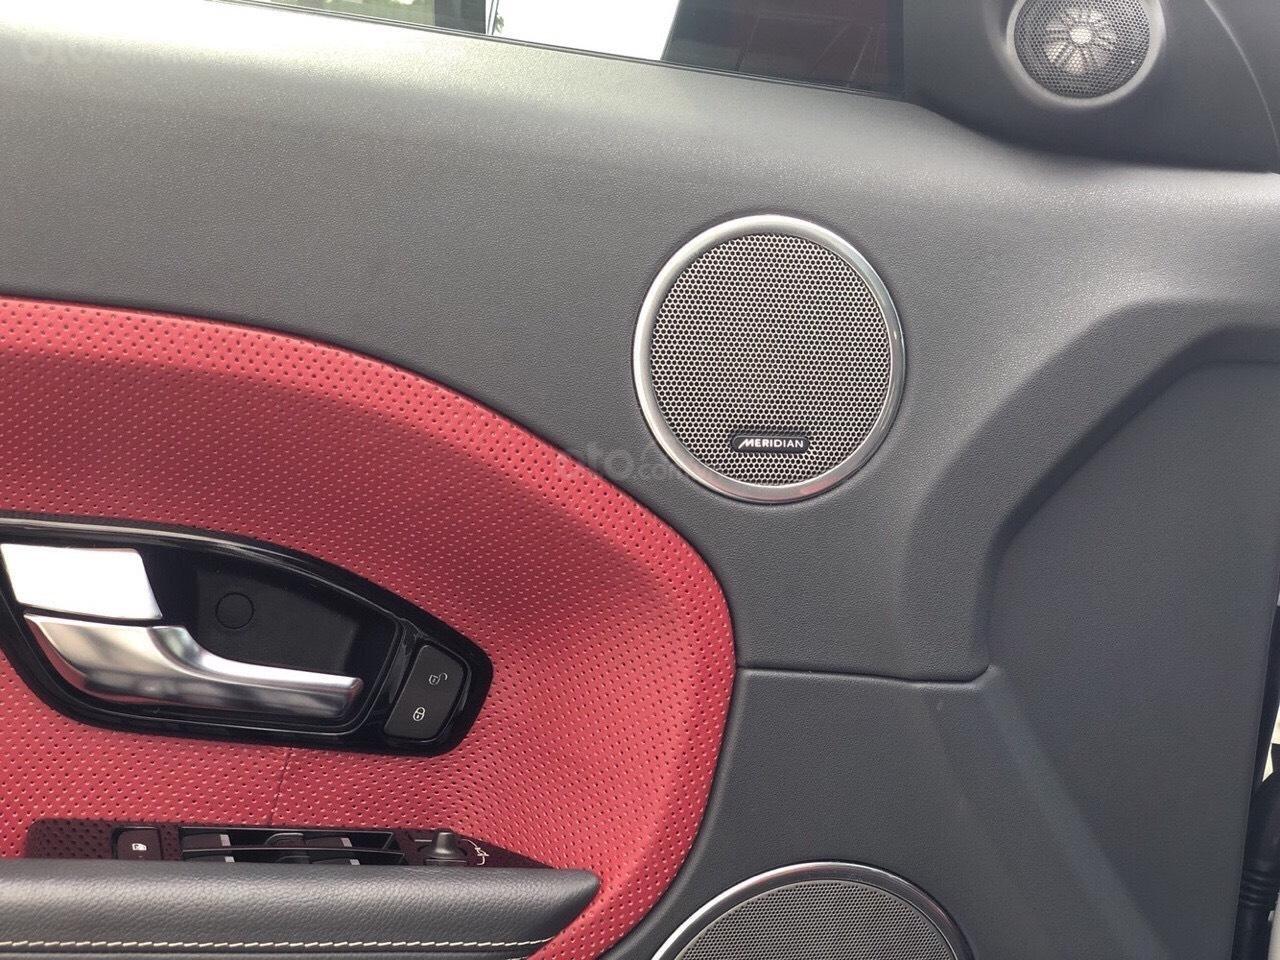 Bán Range Rover Evoque 2013, đăng ký 2015, nhập Châu Âu, xe đẹp không lỗi bao kiểm tra hãng-2